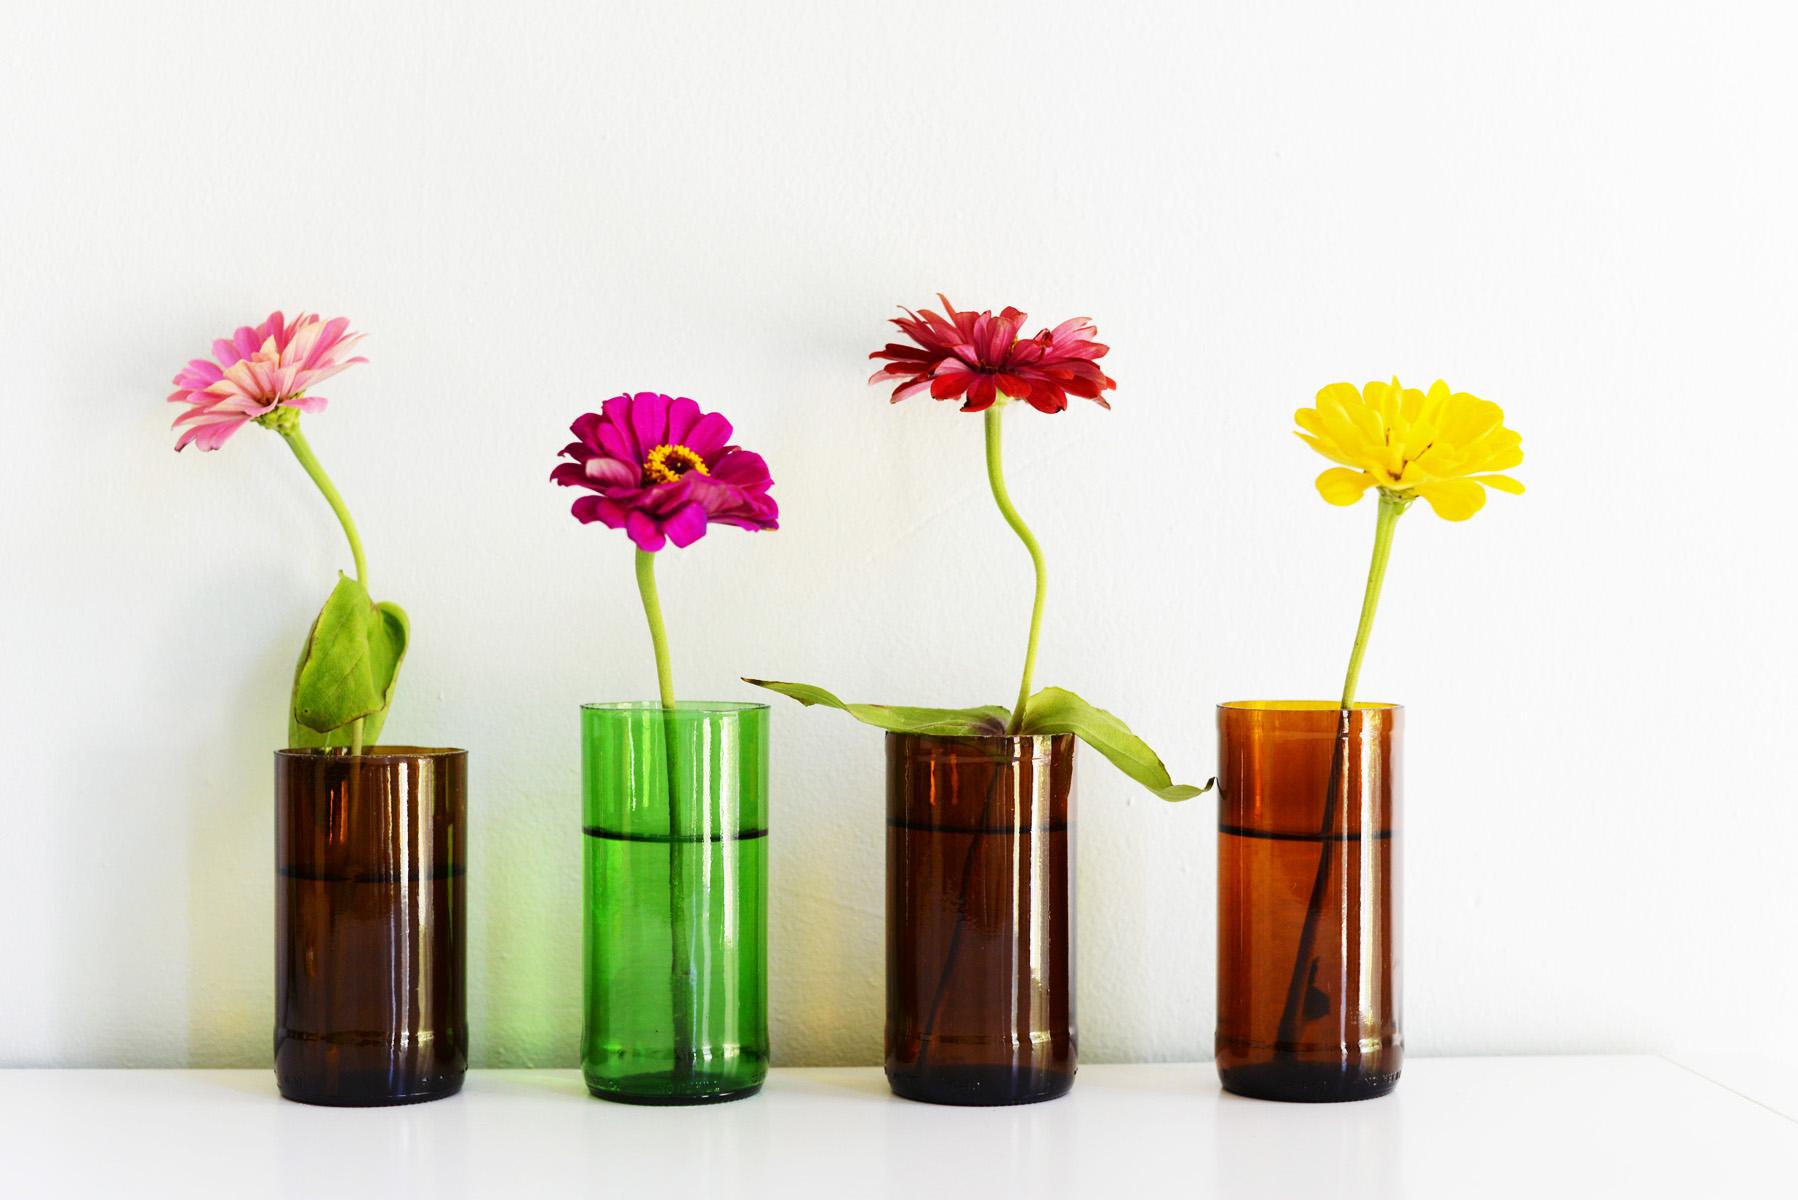 Idee Per Vasi Da Fiori originali vasi per i fiori realizzati con bottiglie di vetro